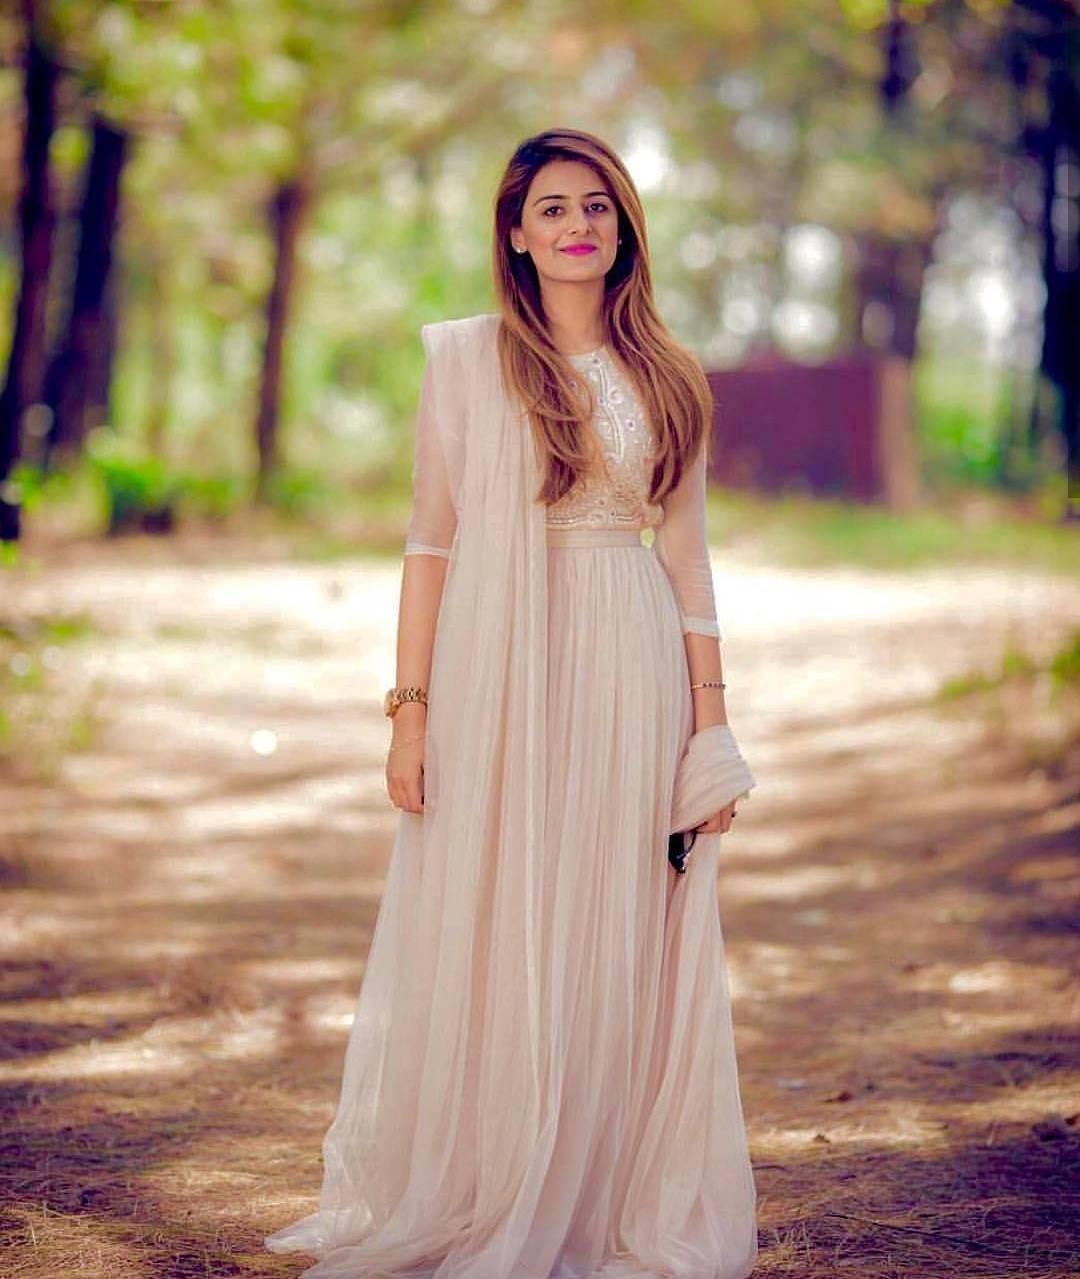 Pakistani Celebrities Entertainment: Beautiful Pakistani Girls